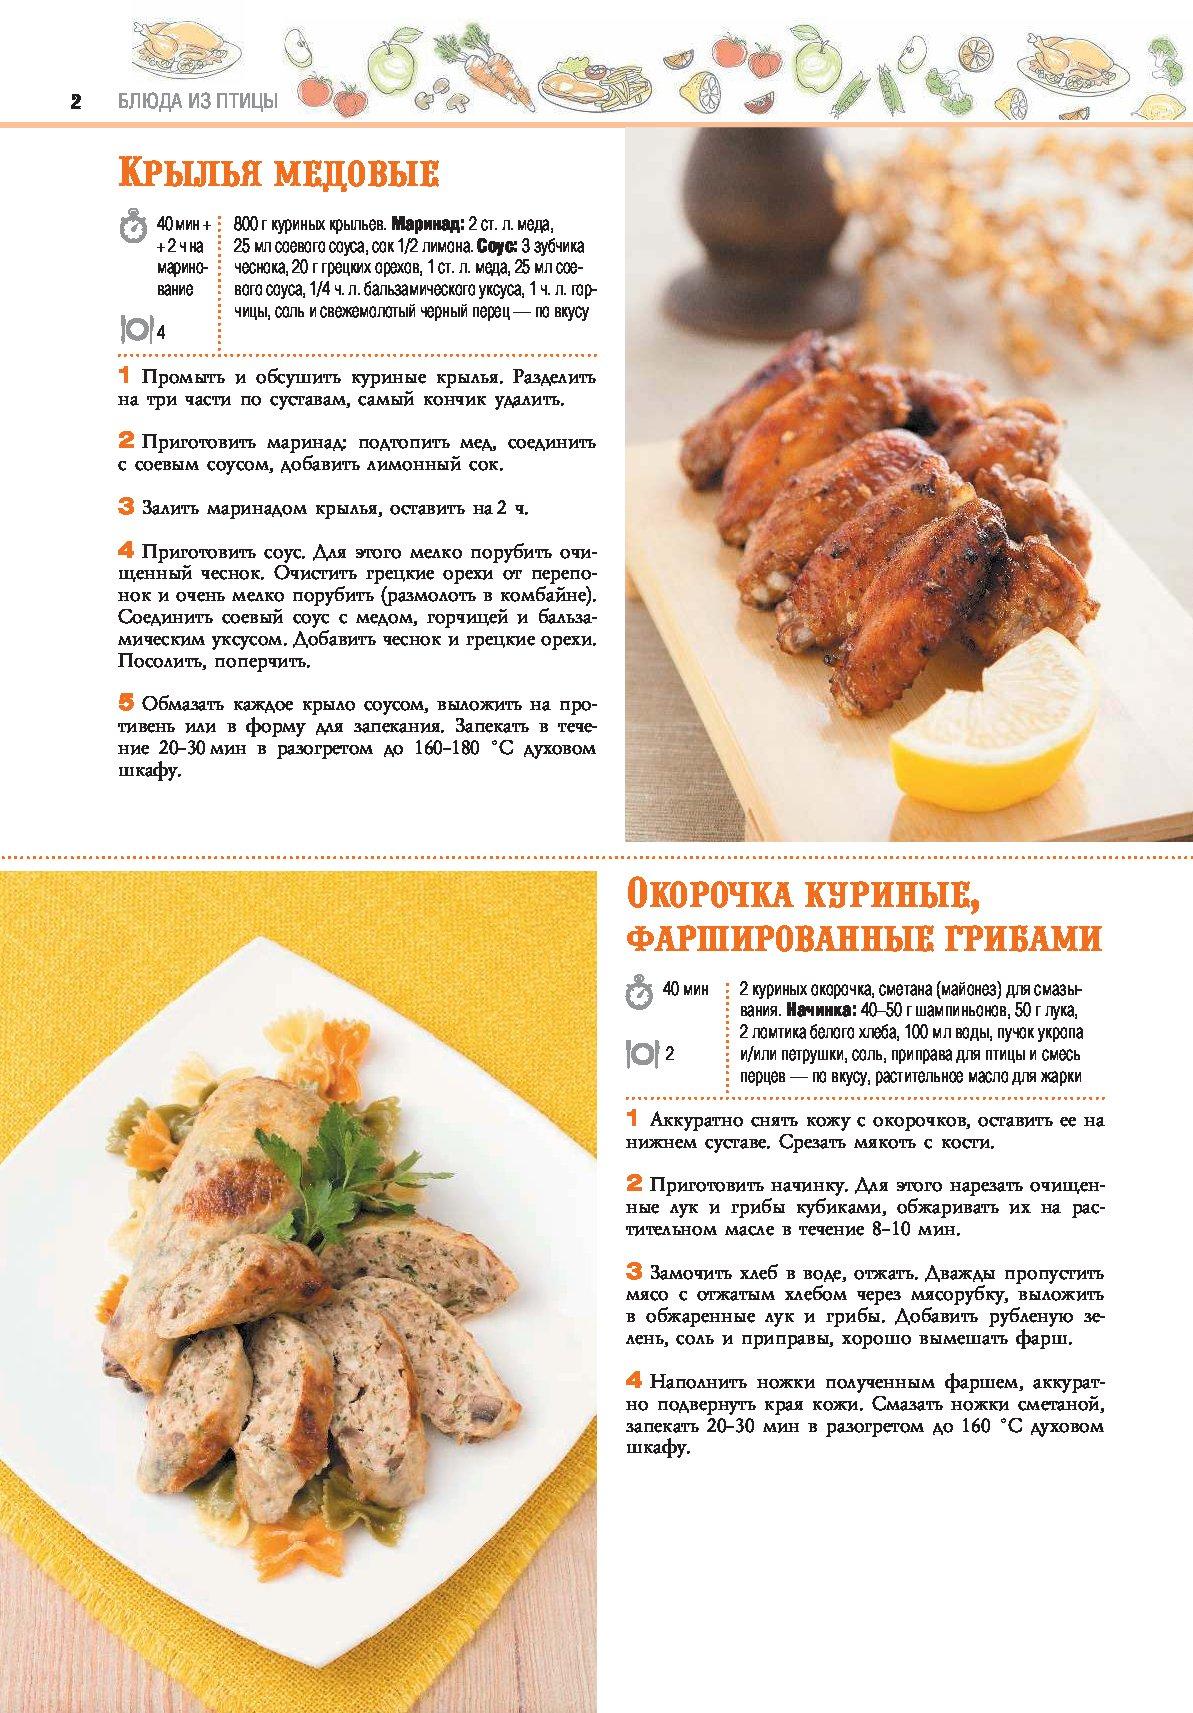 Картинки с рецептами блюд из мяса, надписями дурочка